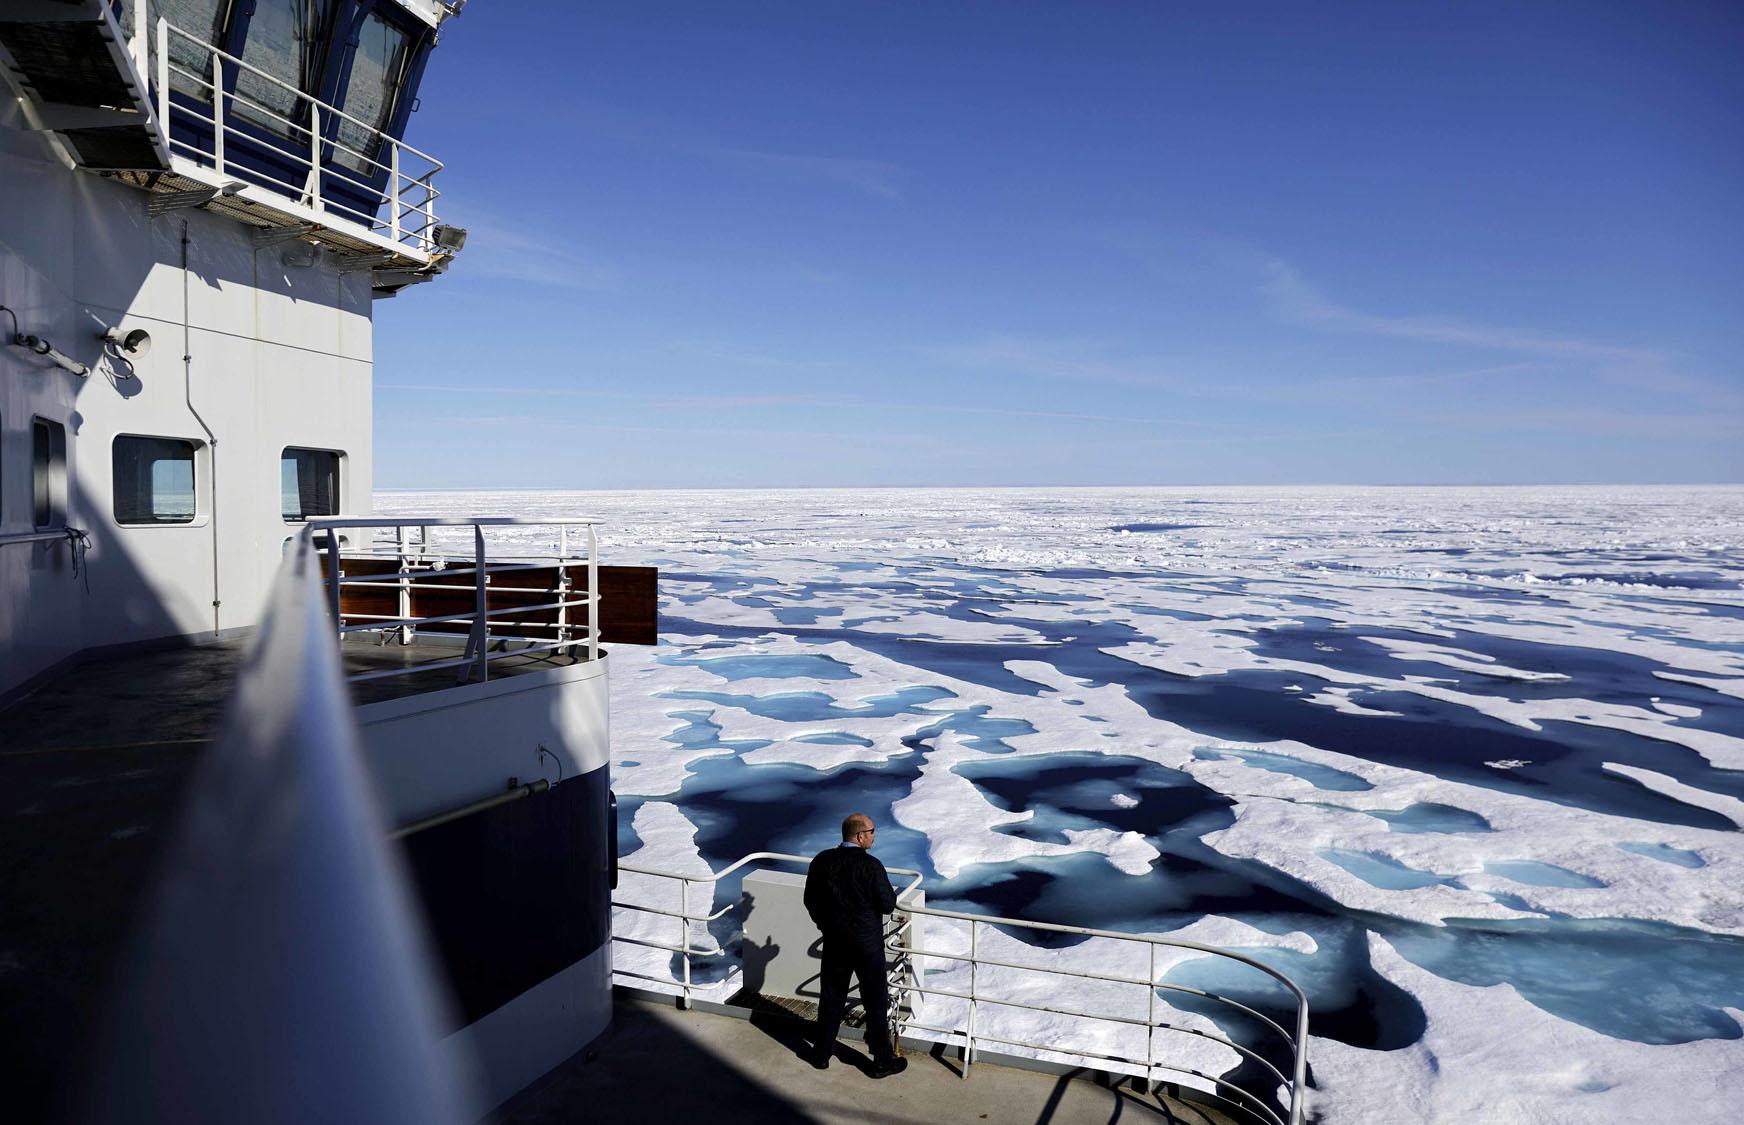 Aboard Finnish icebreaker MSV Nordica